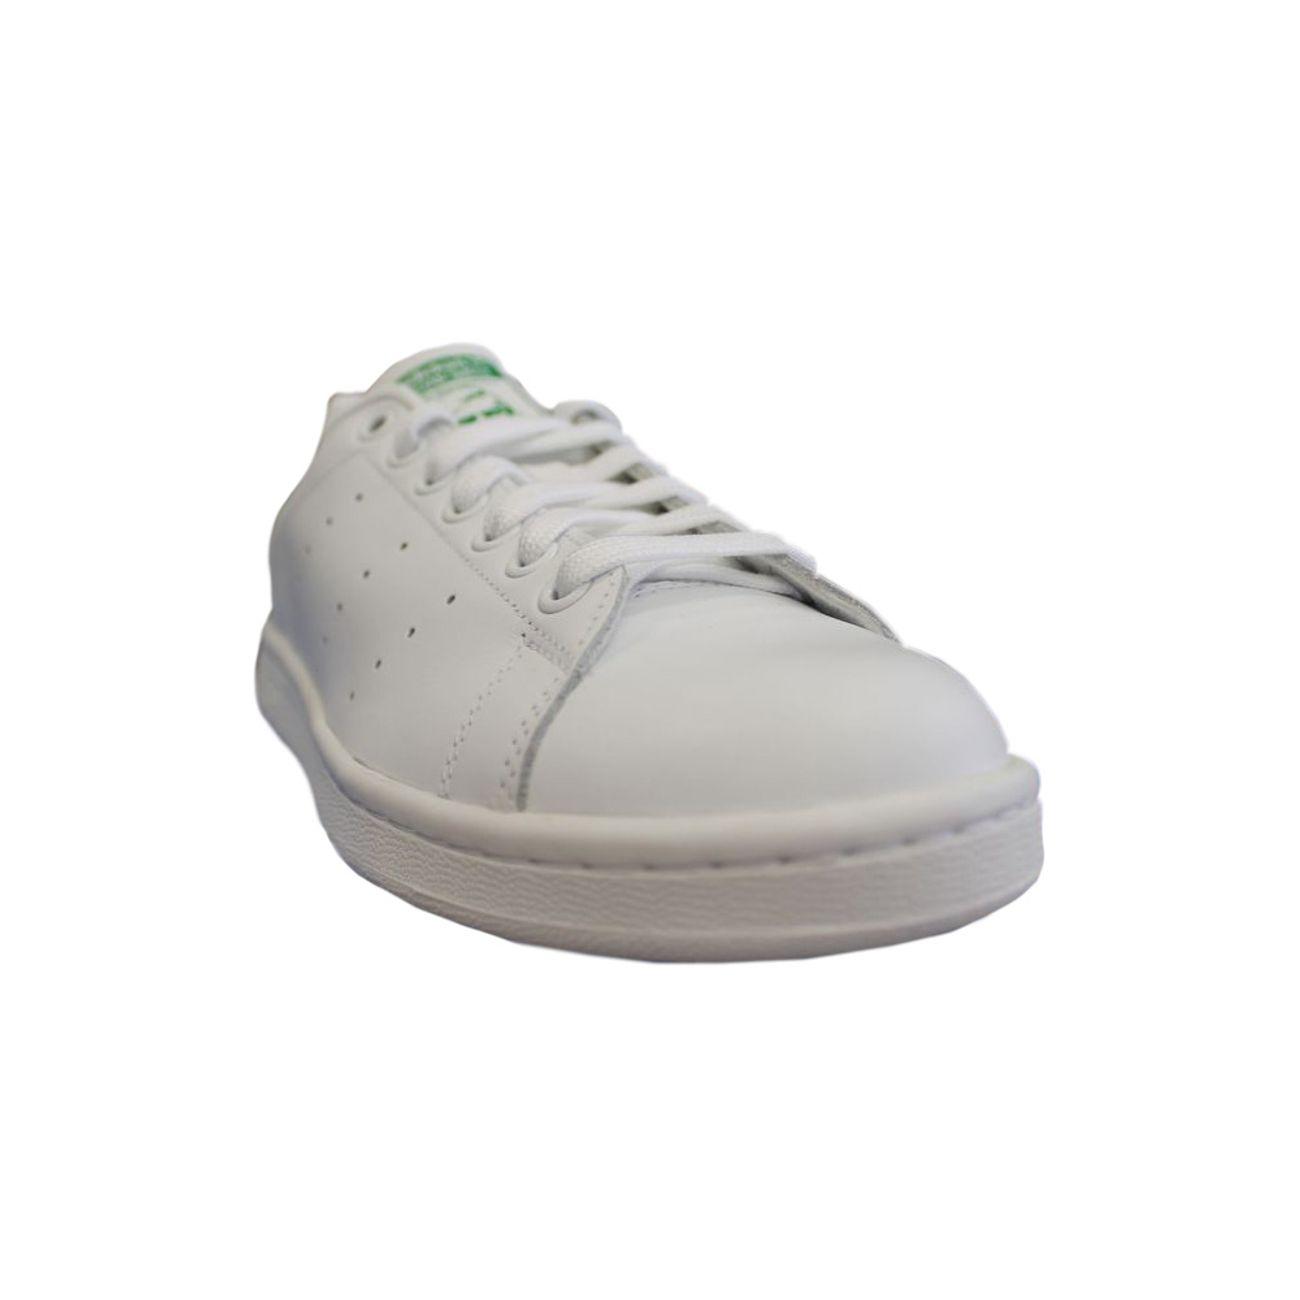 Mode- Lifestyle homme ADIDAS ORIGINALS Basket adidas Originals Stan Smith - M20324